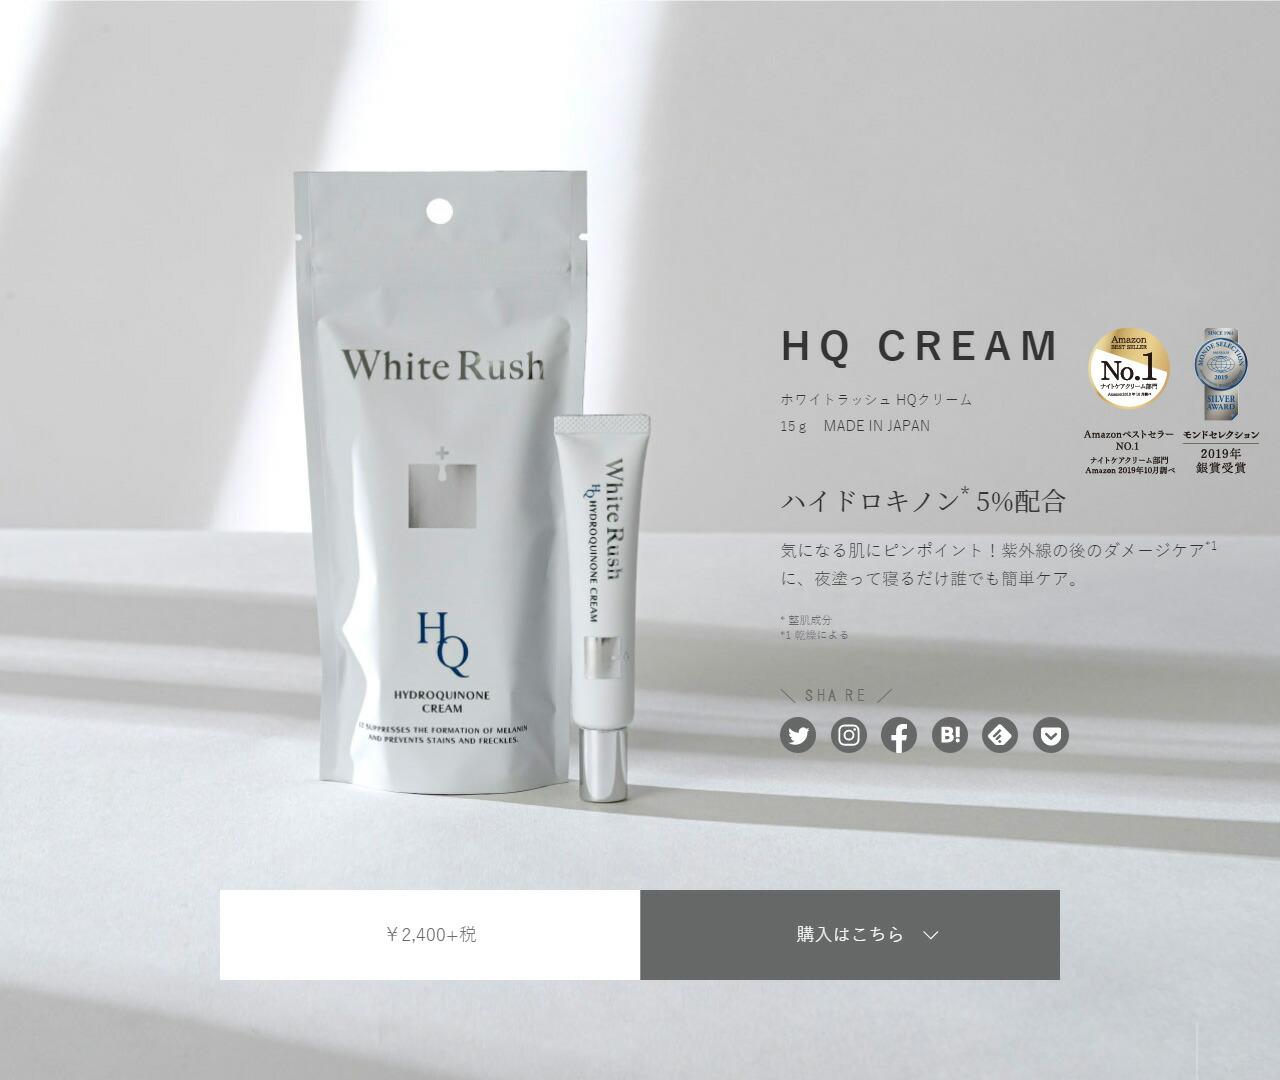 ホワイトラッシュHQクリーム